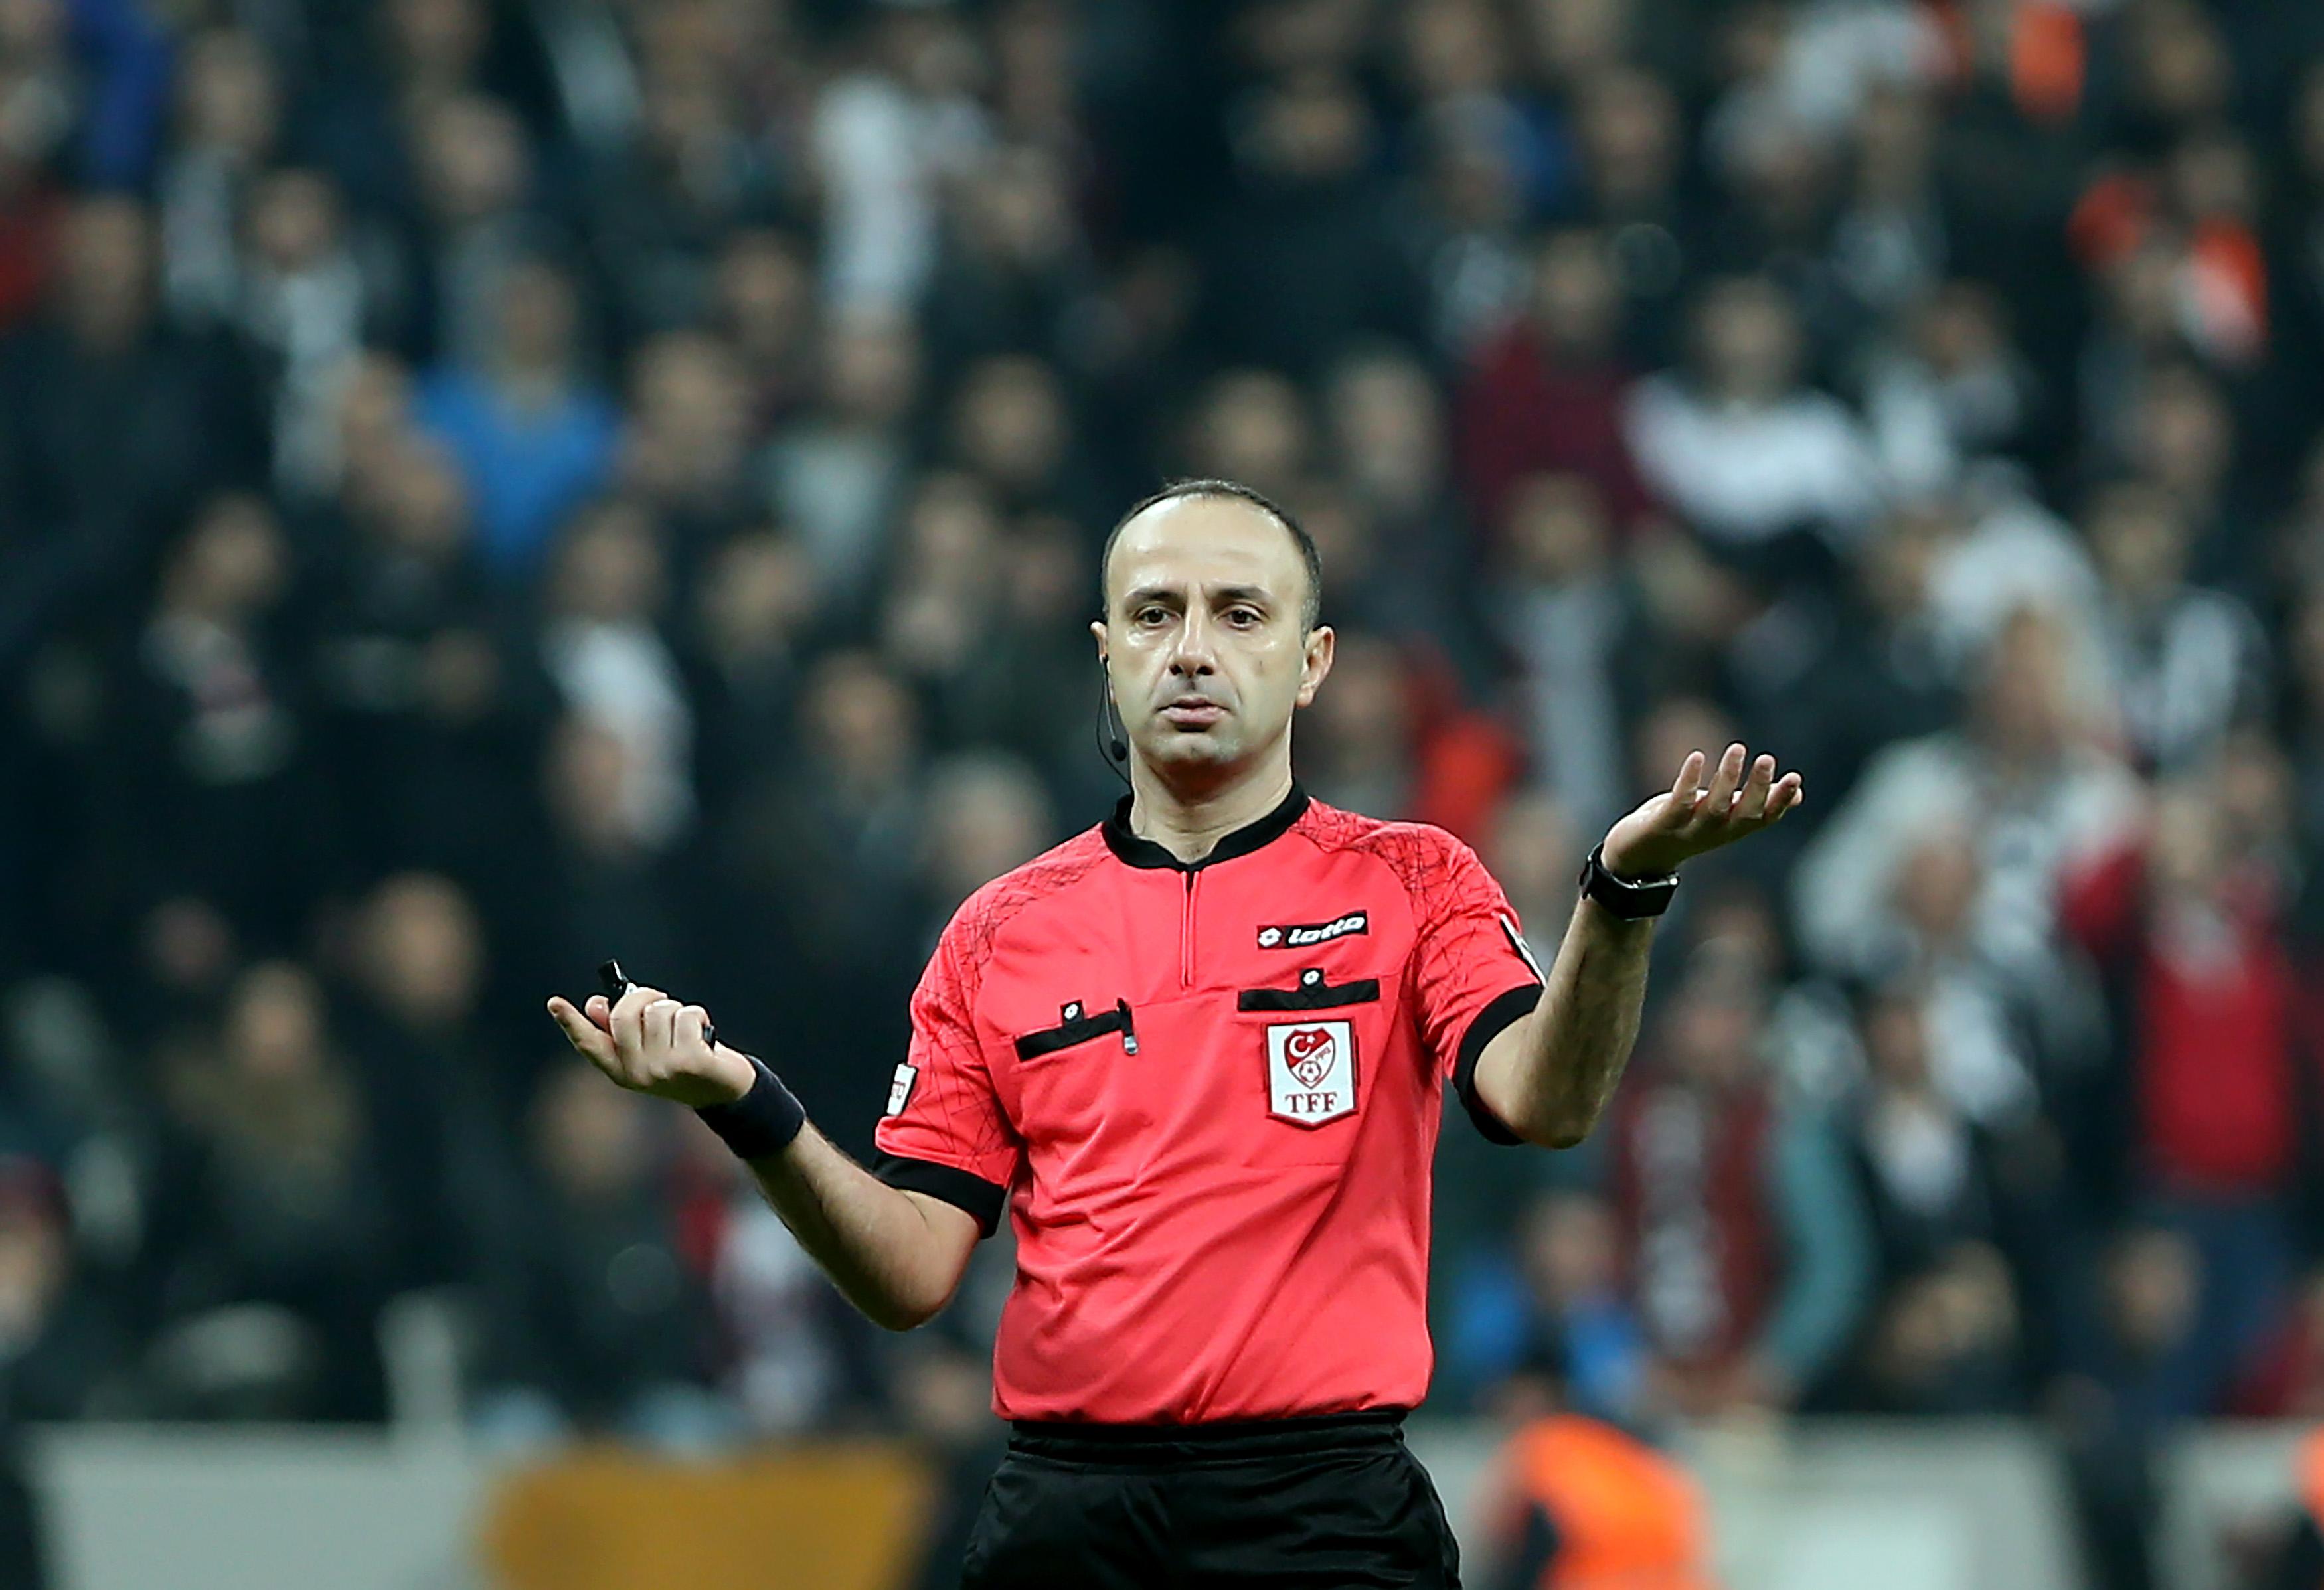 Turkish referee Baris Simsek